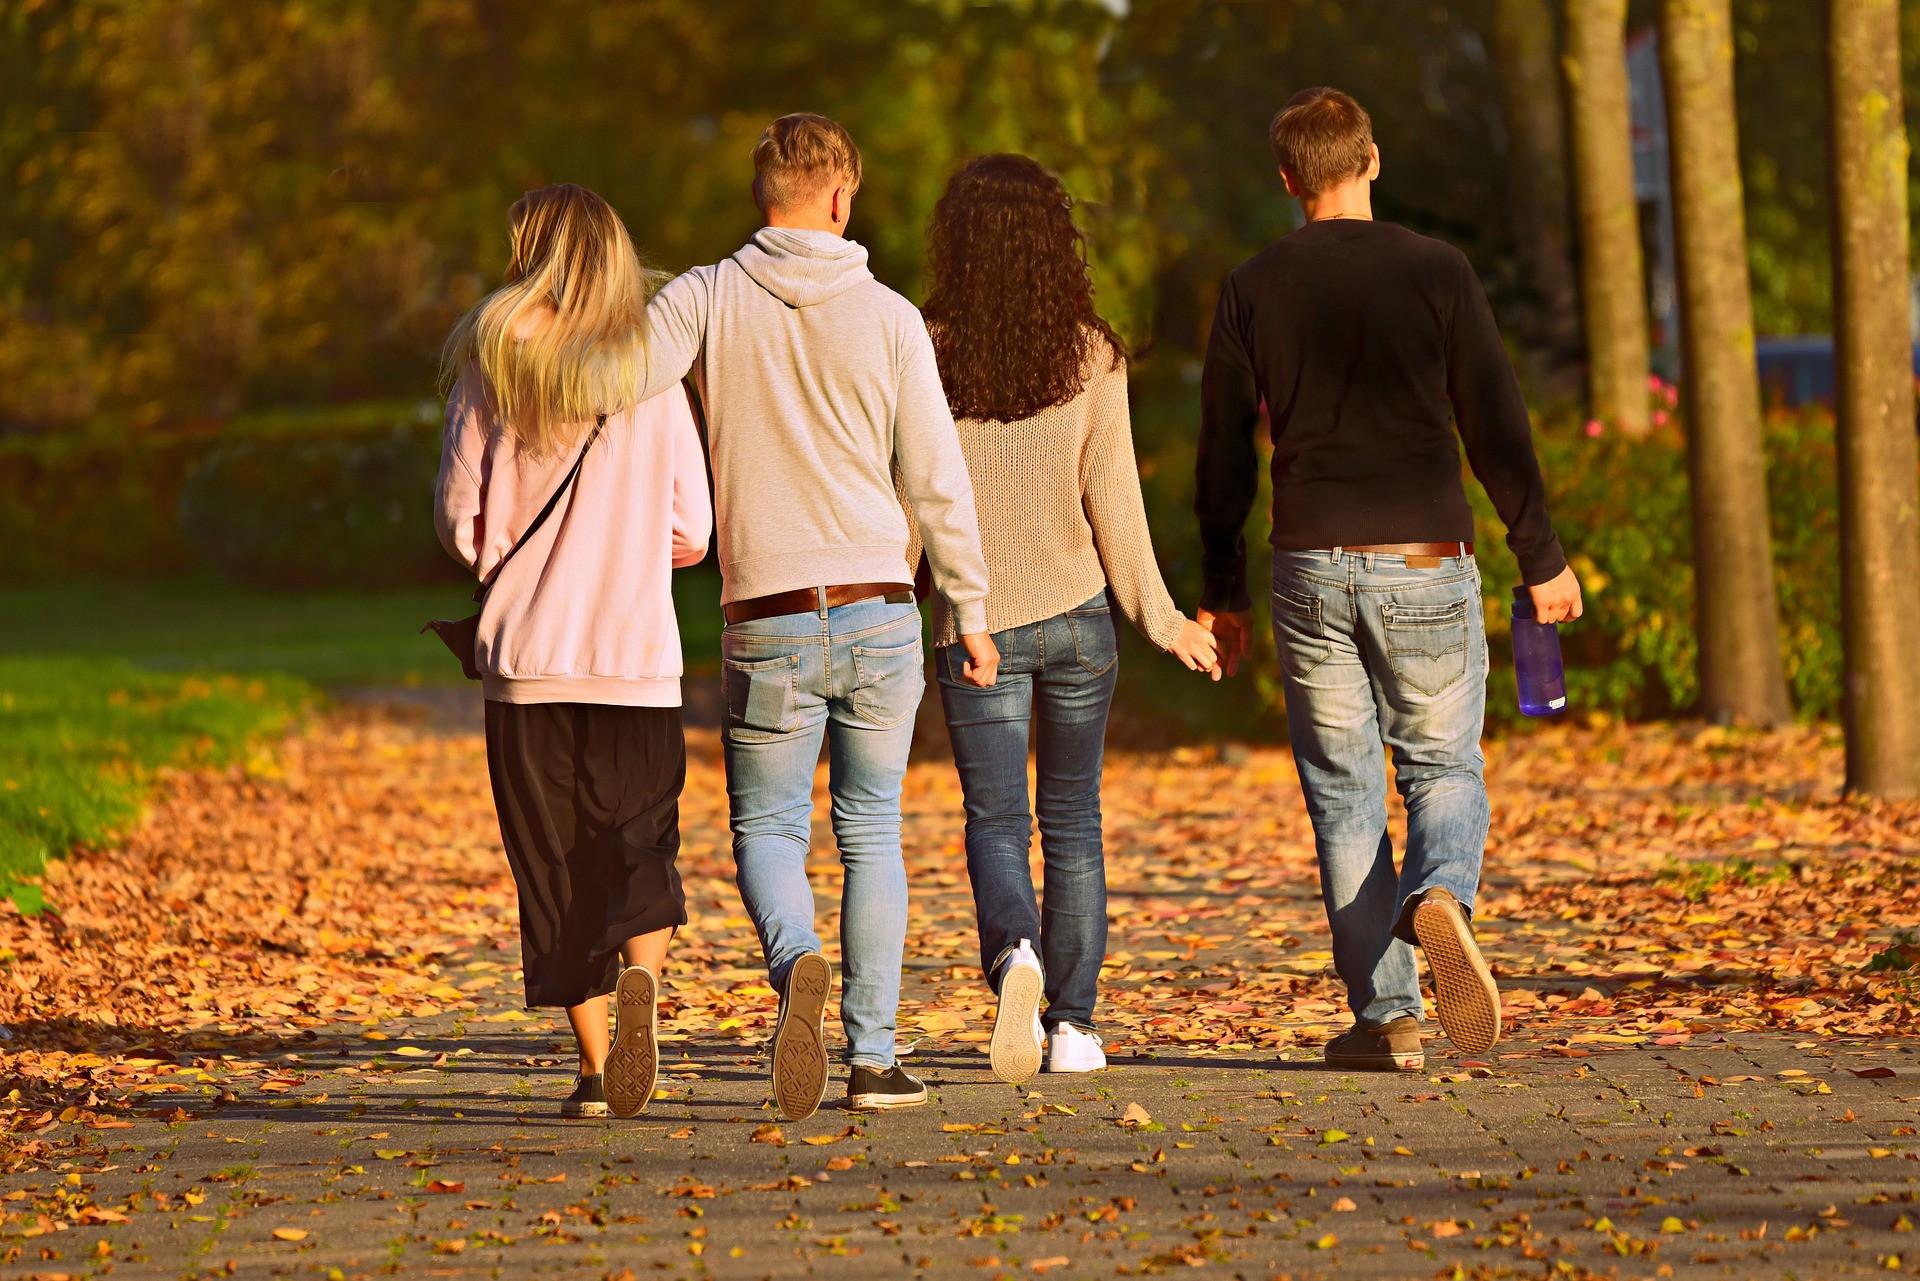 Любит — не любит: 5 признаков мужского интереса